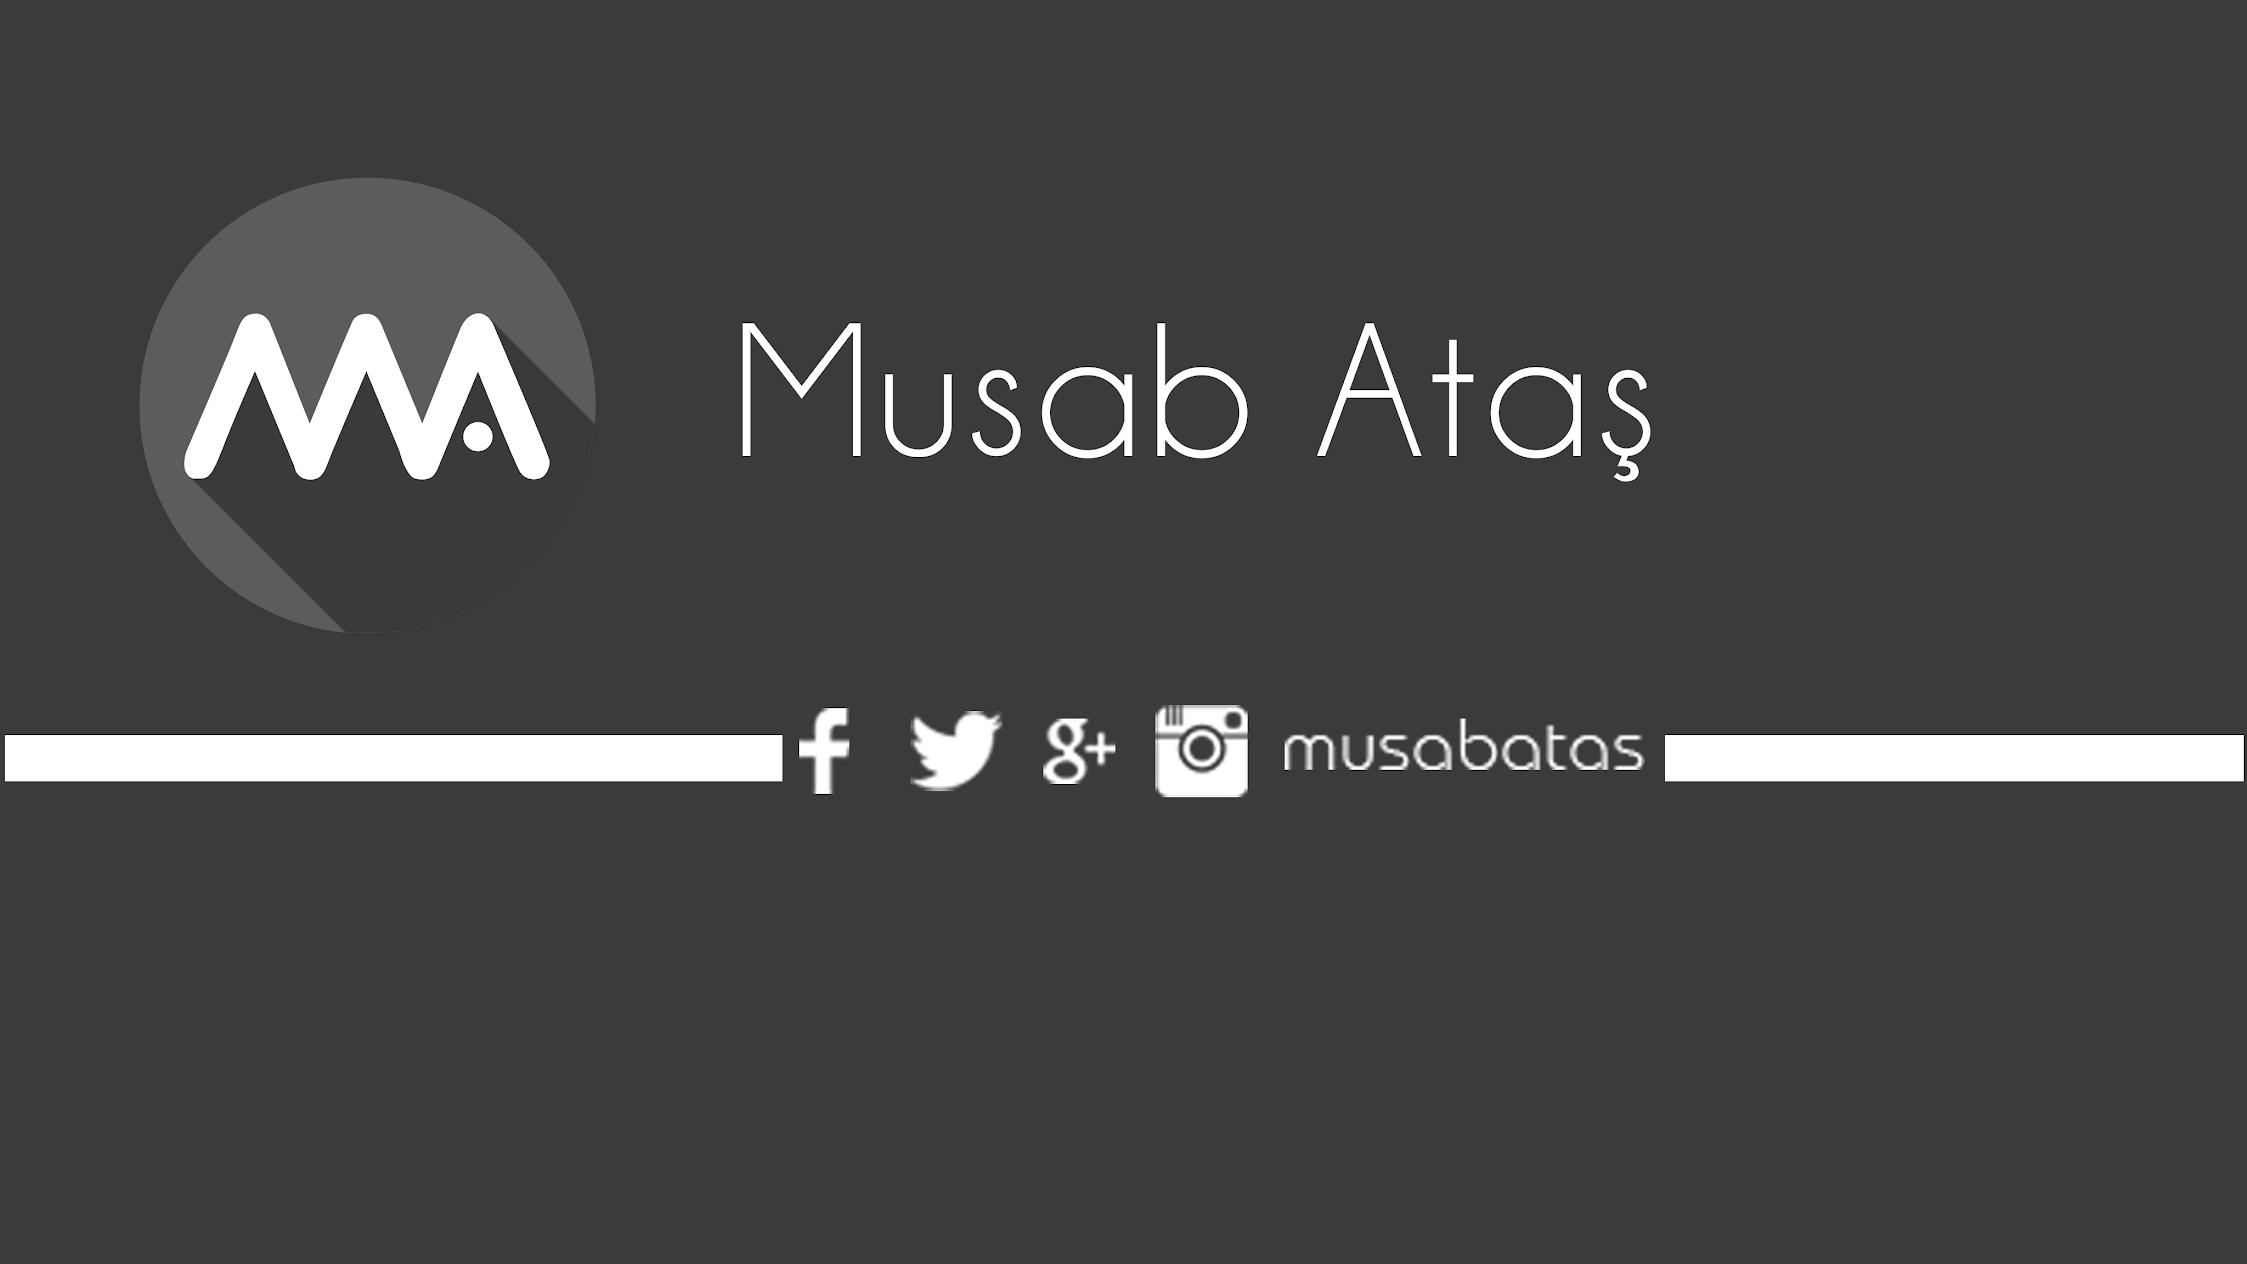 Musab Ataş